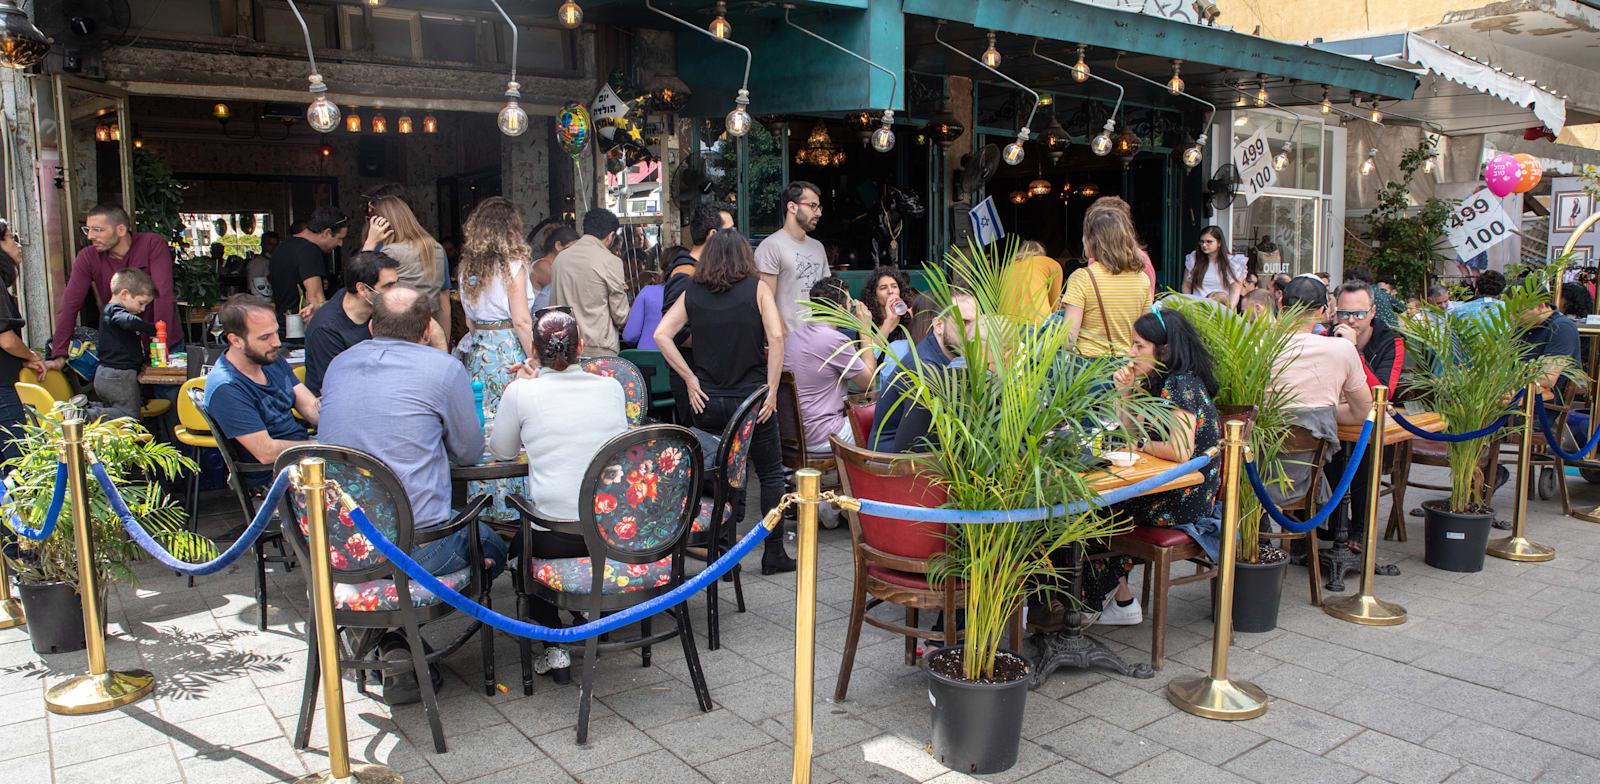 בית קפה בכיכר דיזנגוף בתל אביב / צילום: כדיה לוי